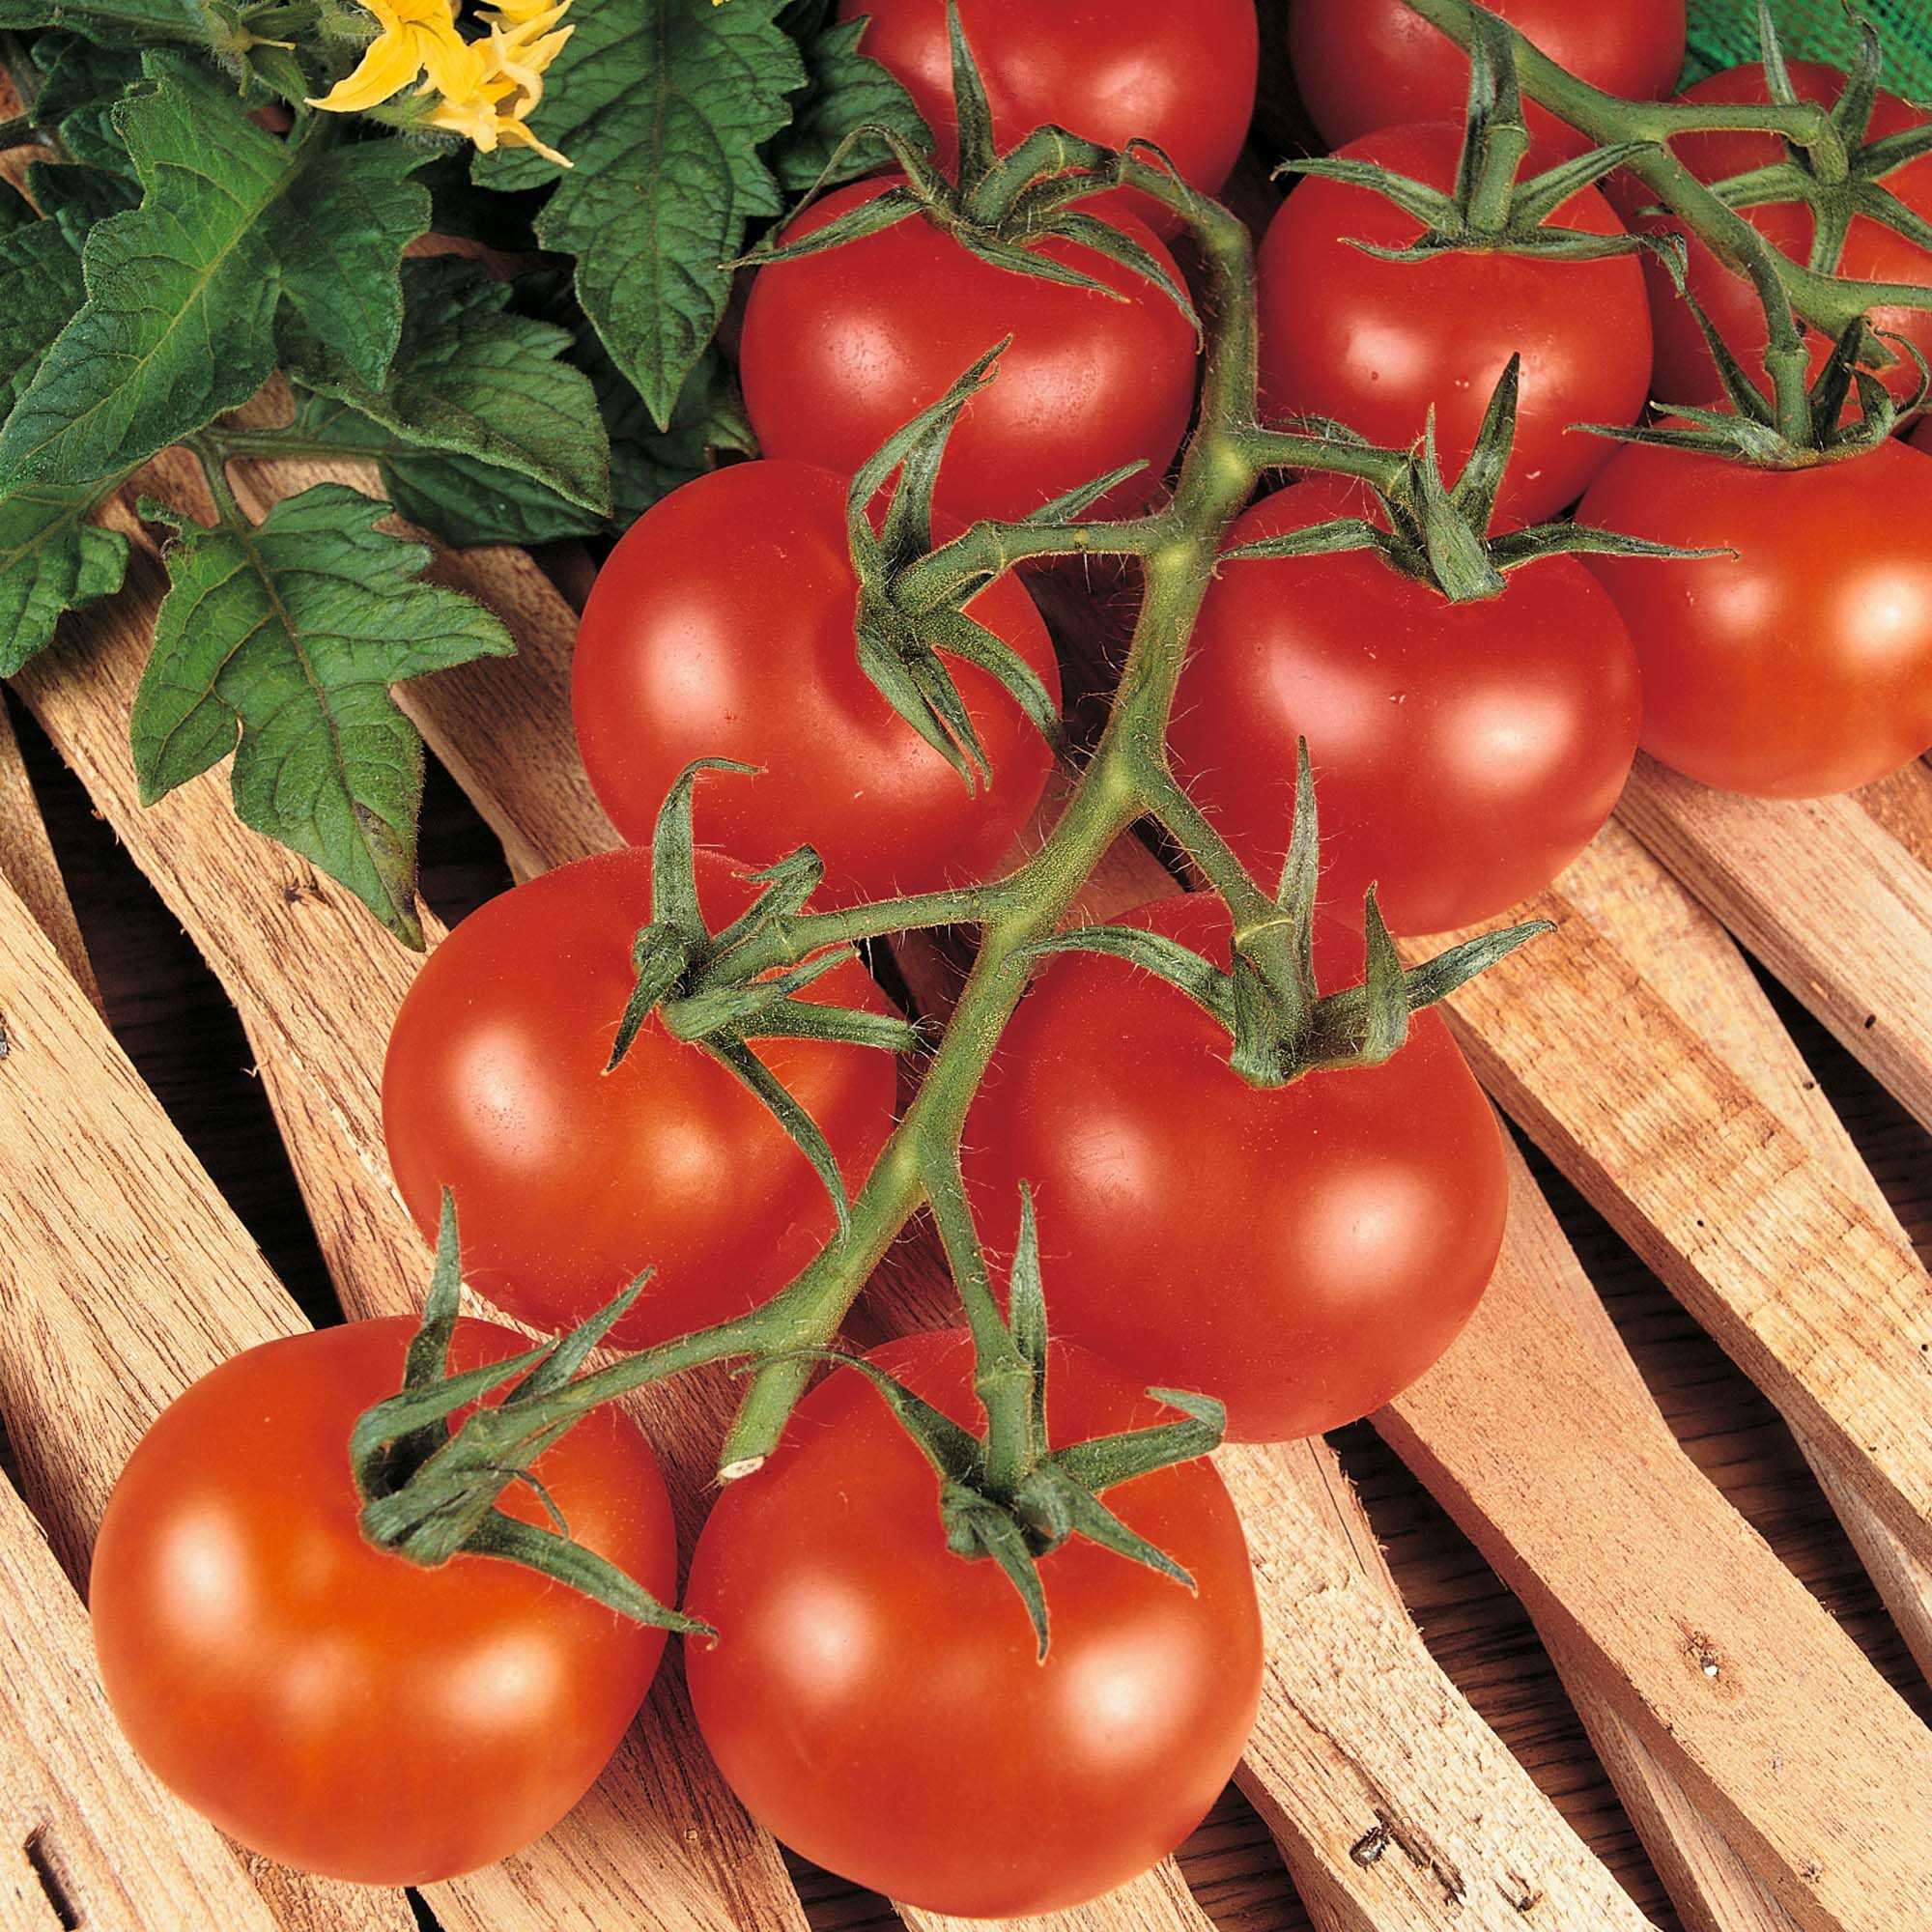 все томаты названия с фото чуть ранее, пути